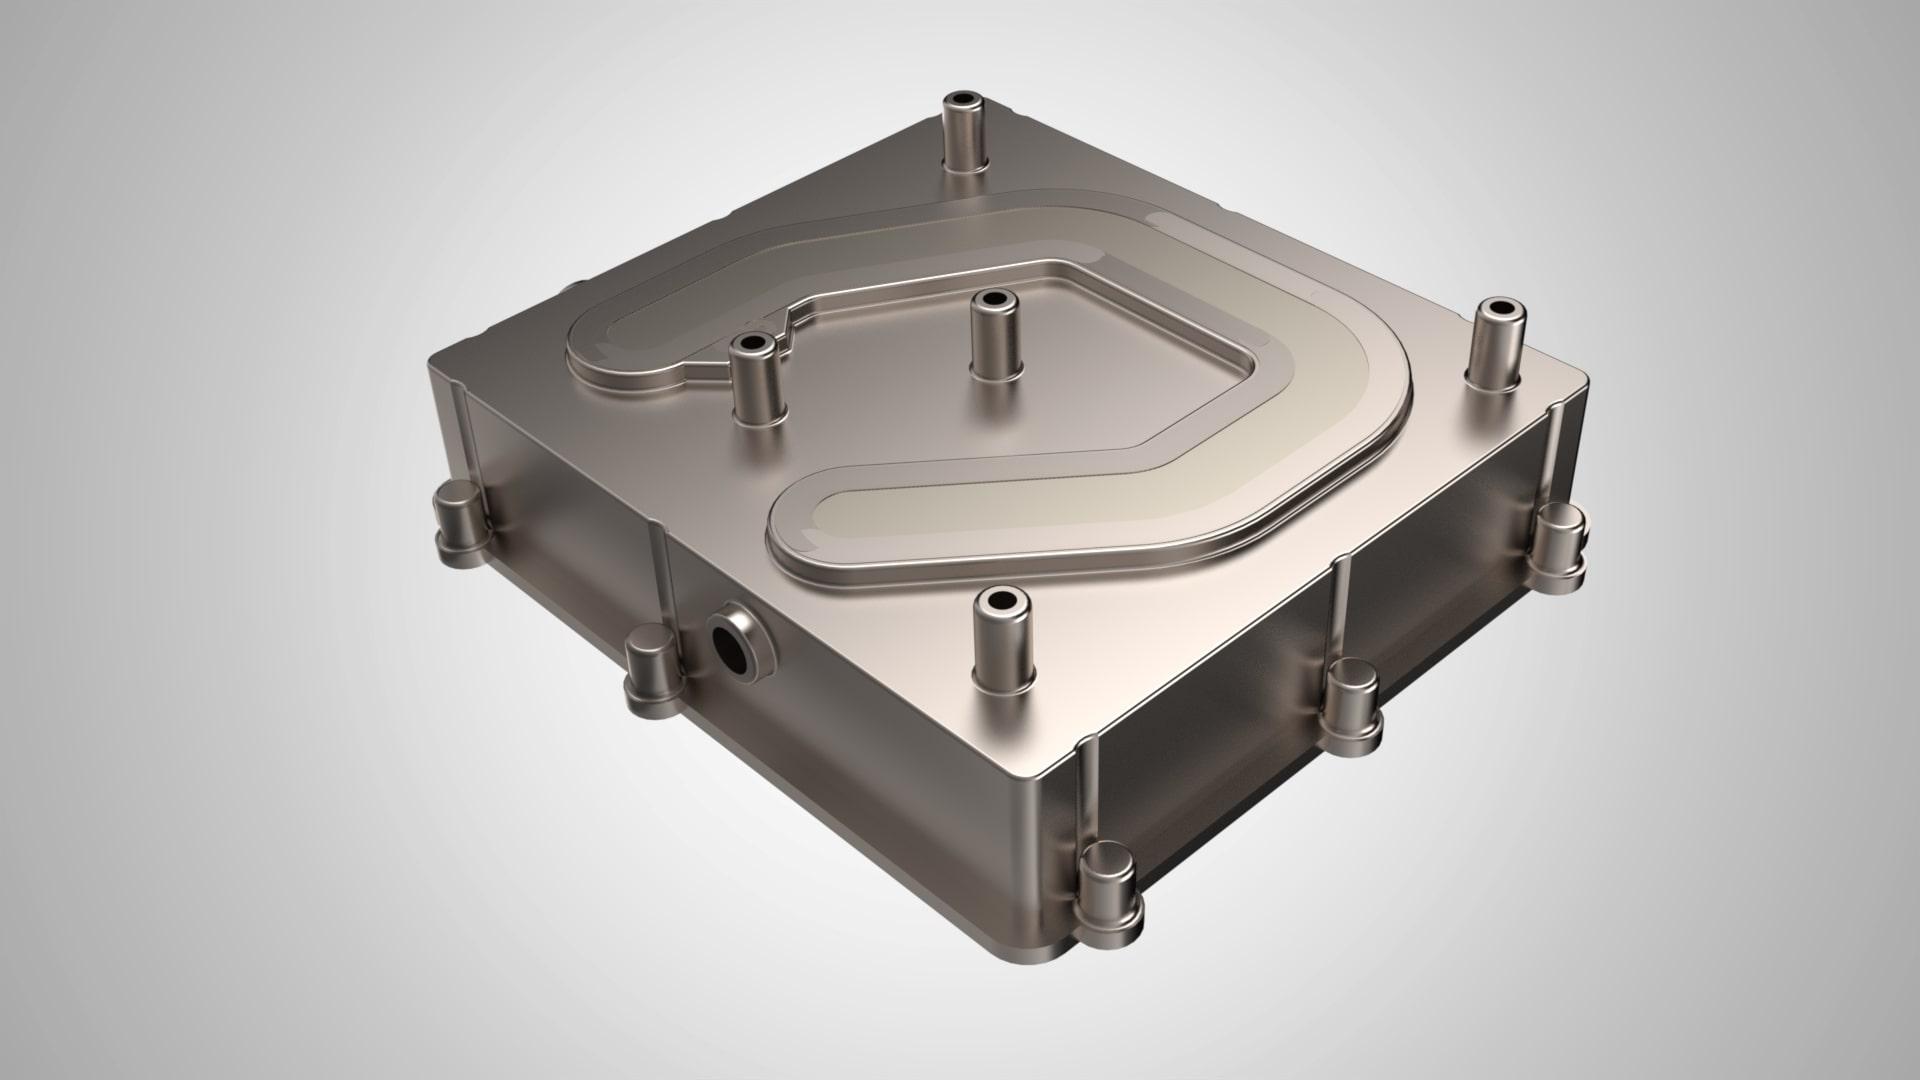 Äußerer Teil eines Wasserkühlkörpers für E-Mobilität nach FSW